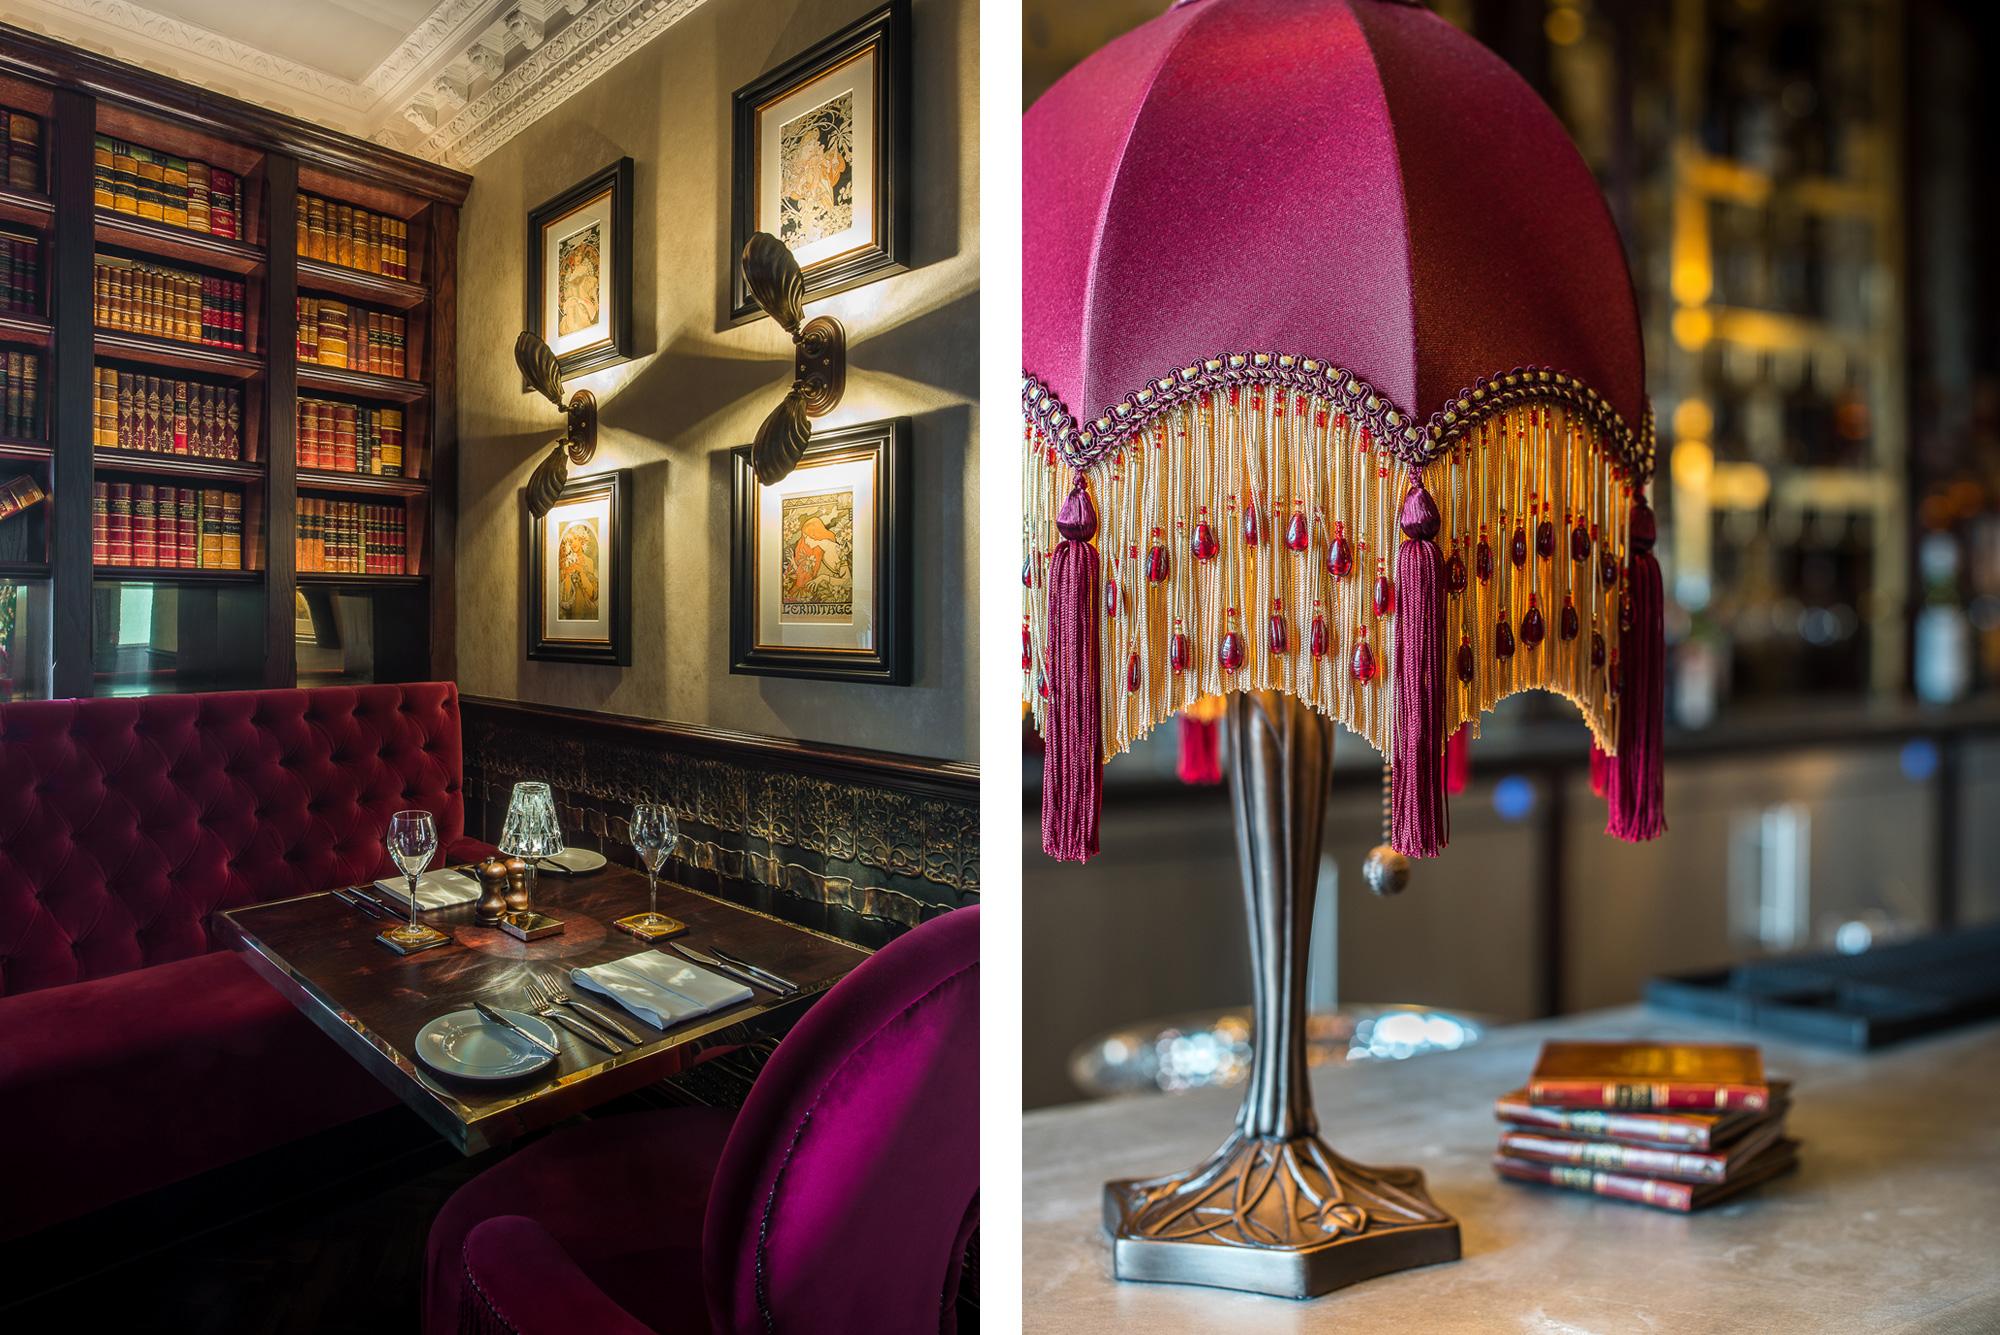 hotel-restaurant-interior-photography-details.jpg